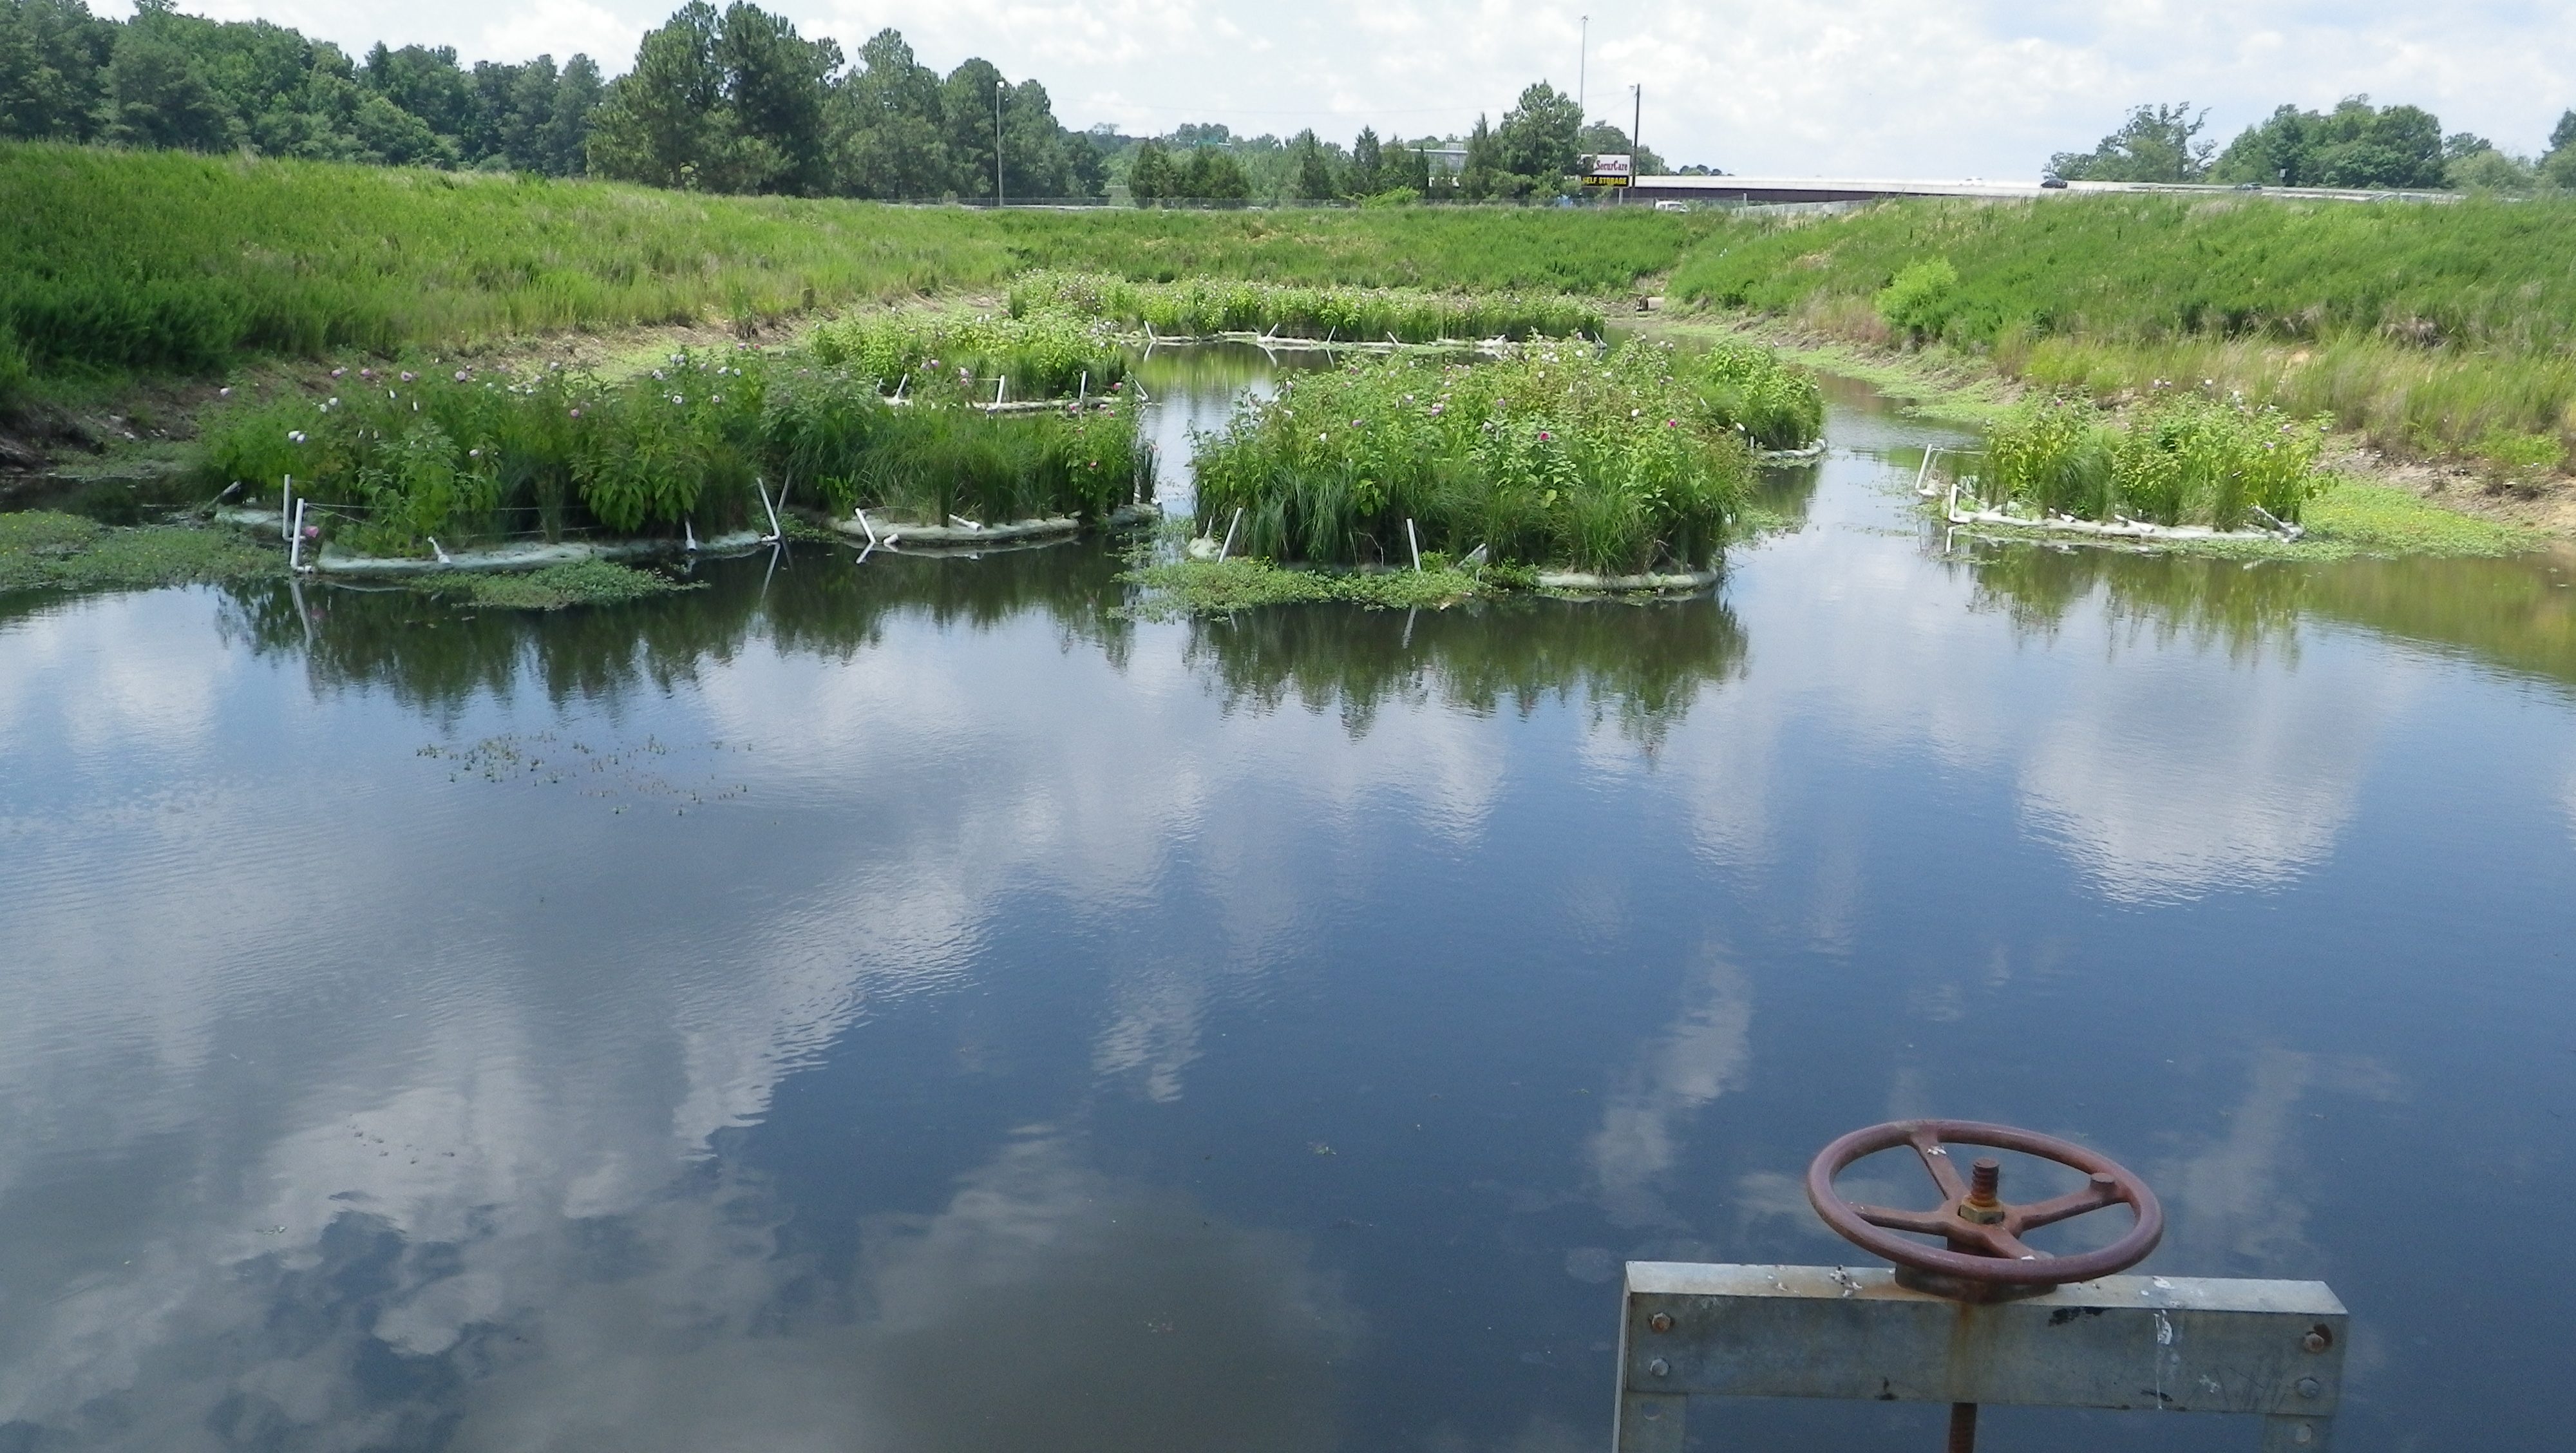 Floating Treatment Wetlands Show Promise as Pond Retrofit